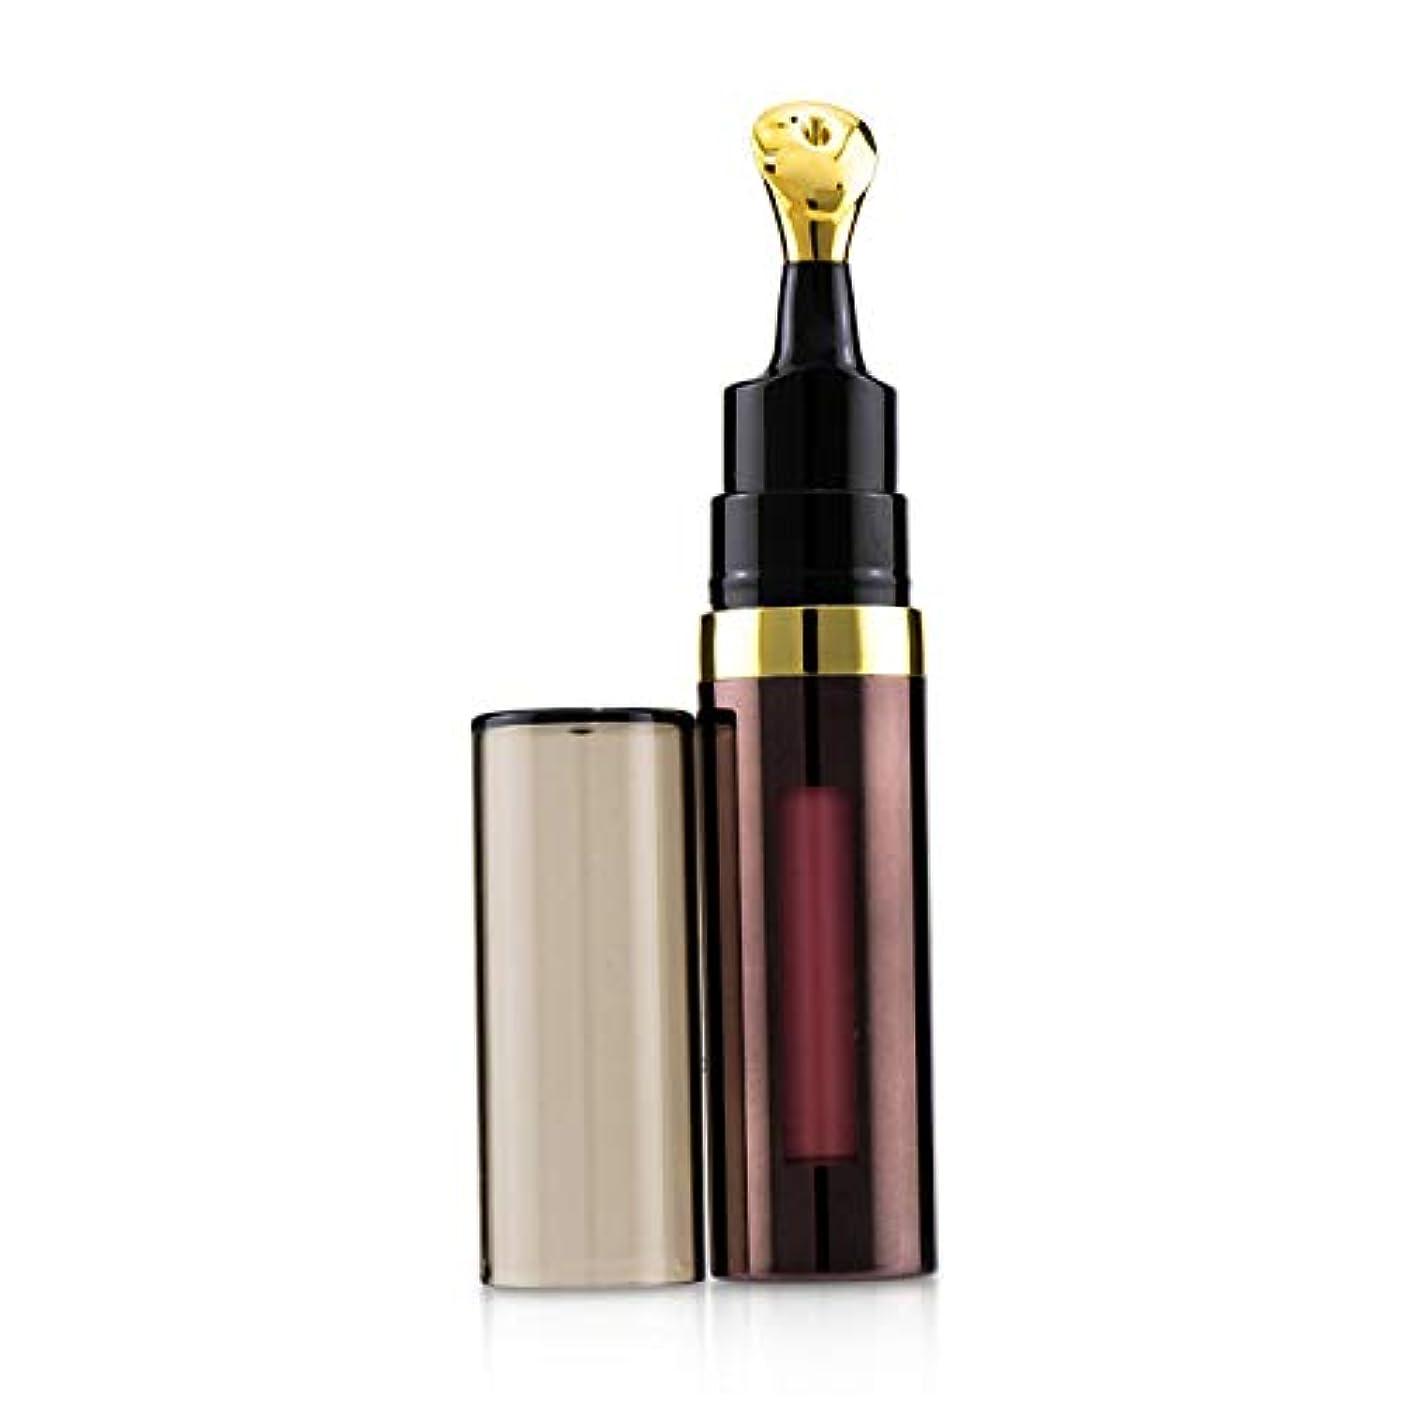 危険にさらされている典型的なスクランブルアワーグラス No.28 Lip Treatment Oil - # Cameo (Neutral Rose) 7.5ml/0.25oz並行輸入品